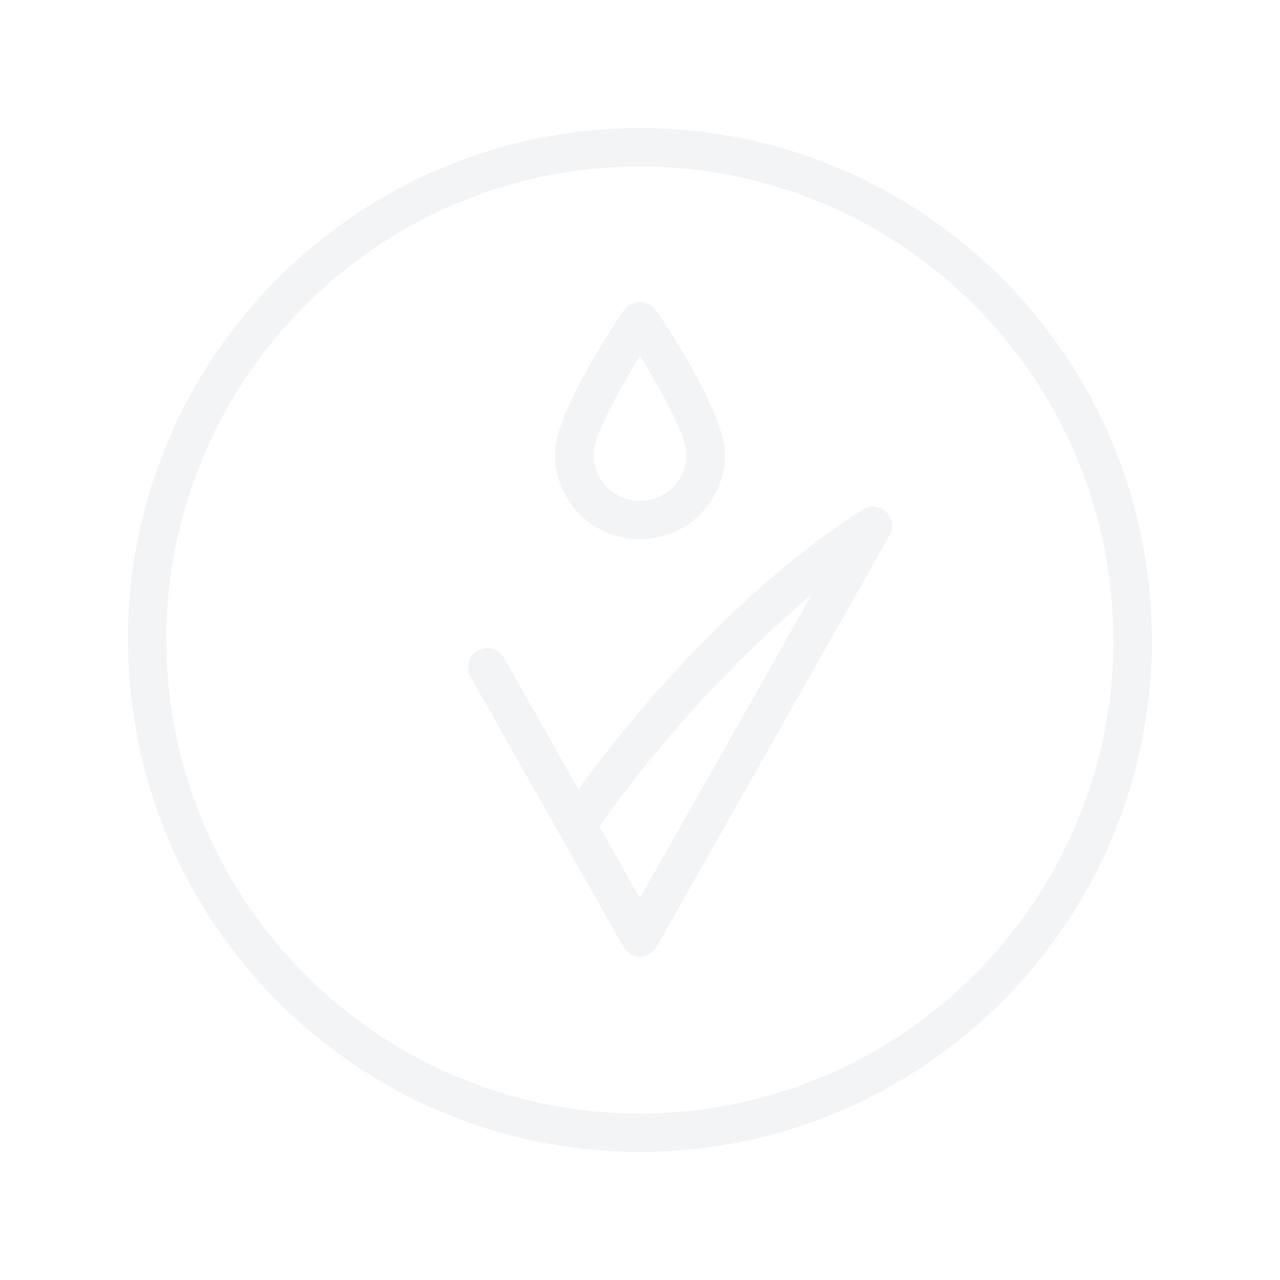 LA ROCHE-POSAY Lipikar AP+ Cleansing Oil